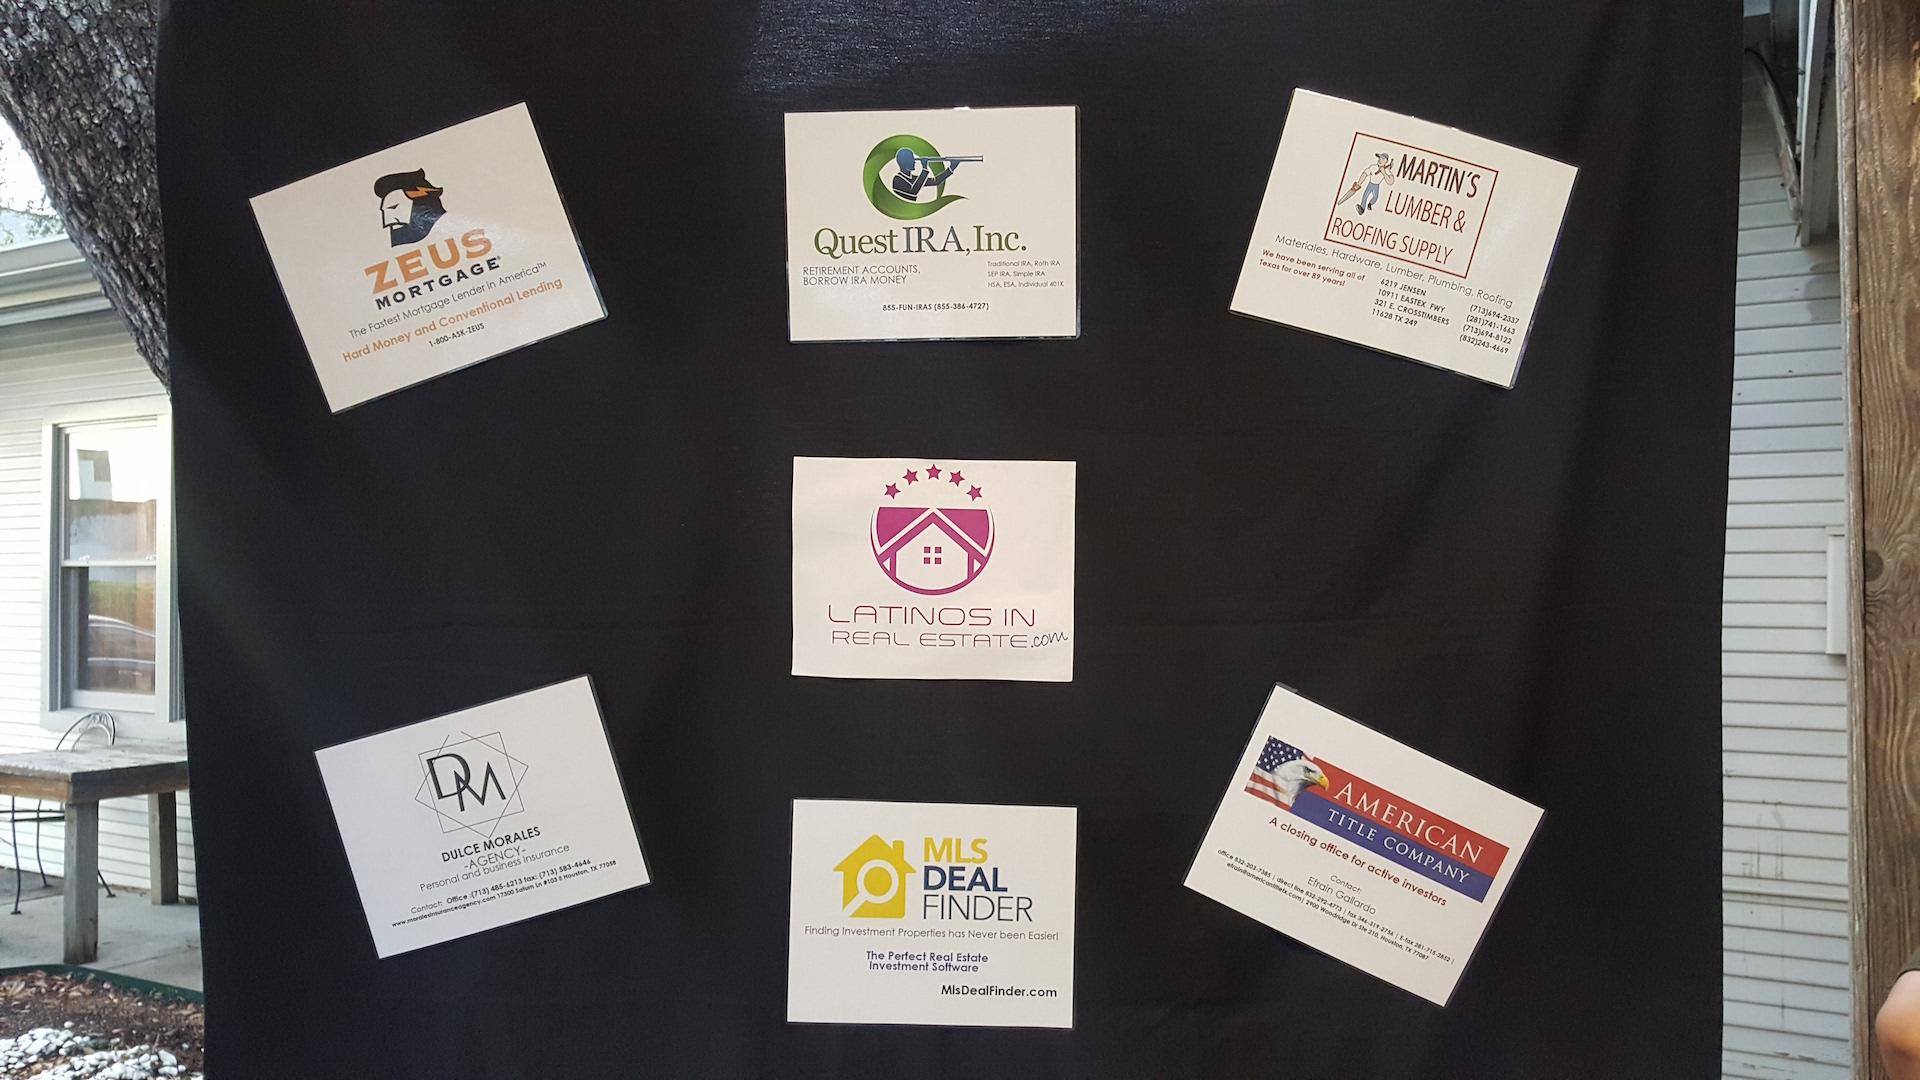 Sponsors de cada evento